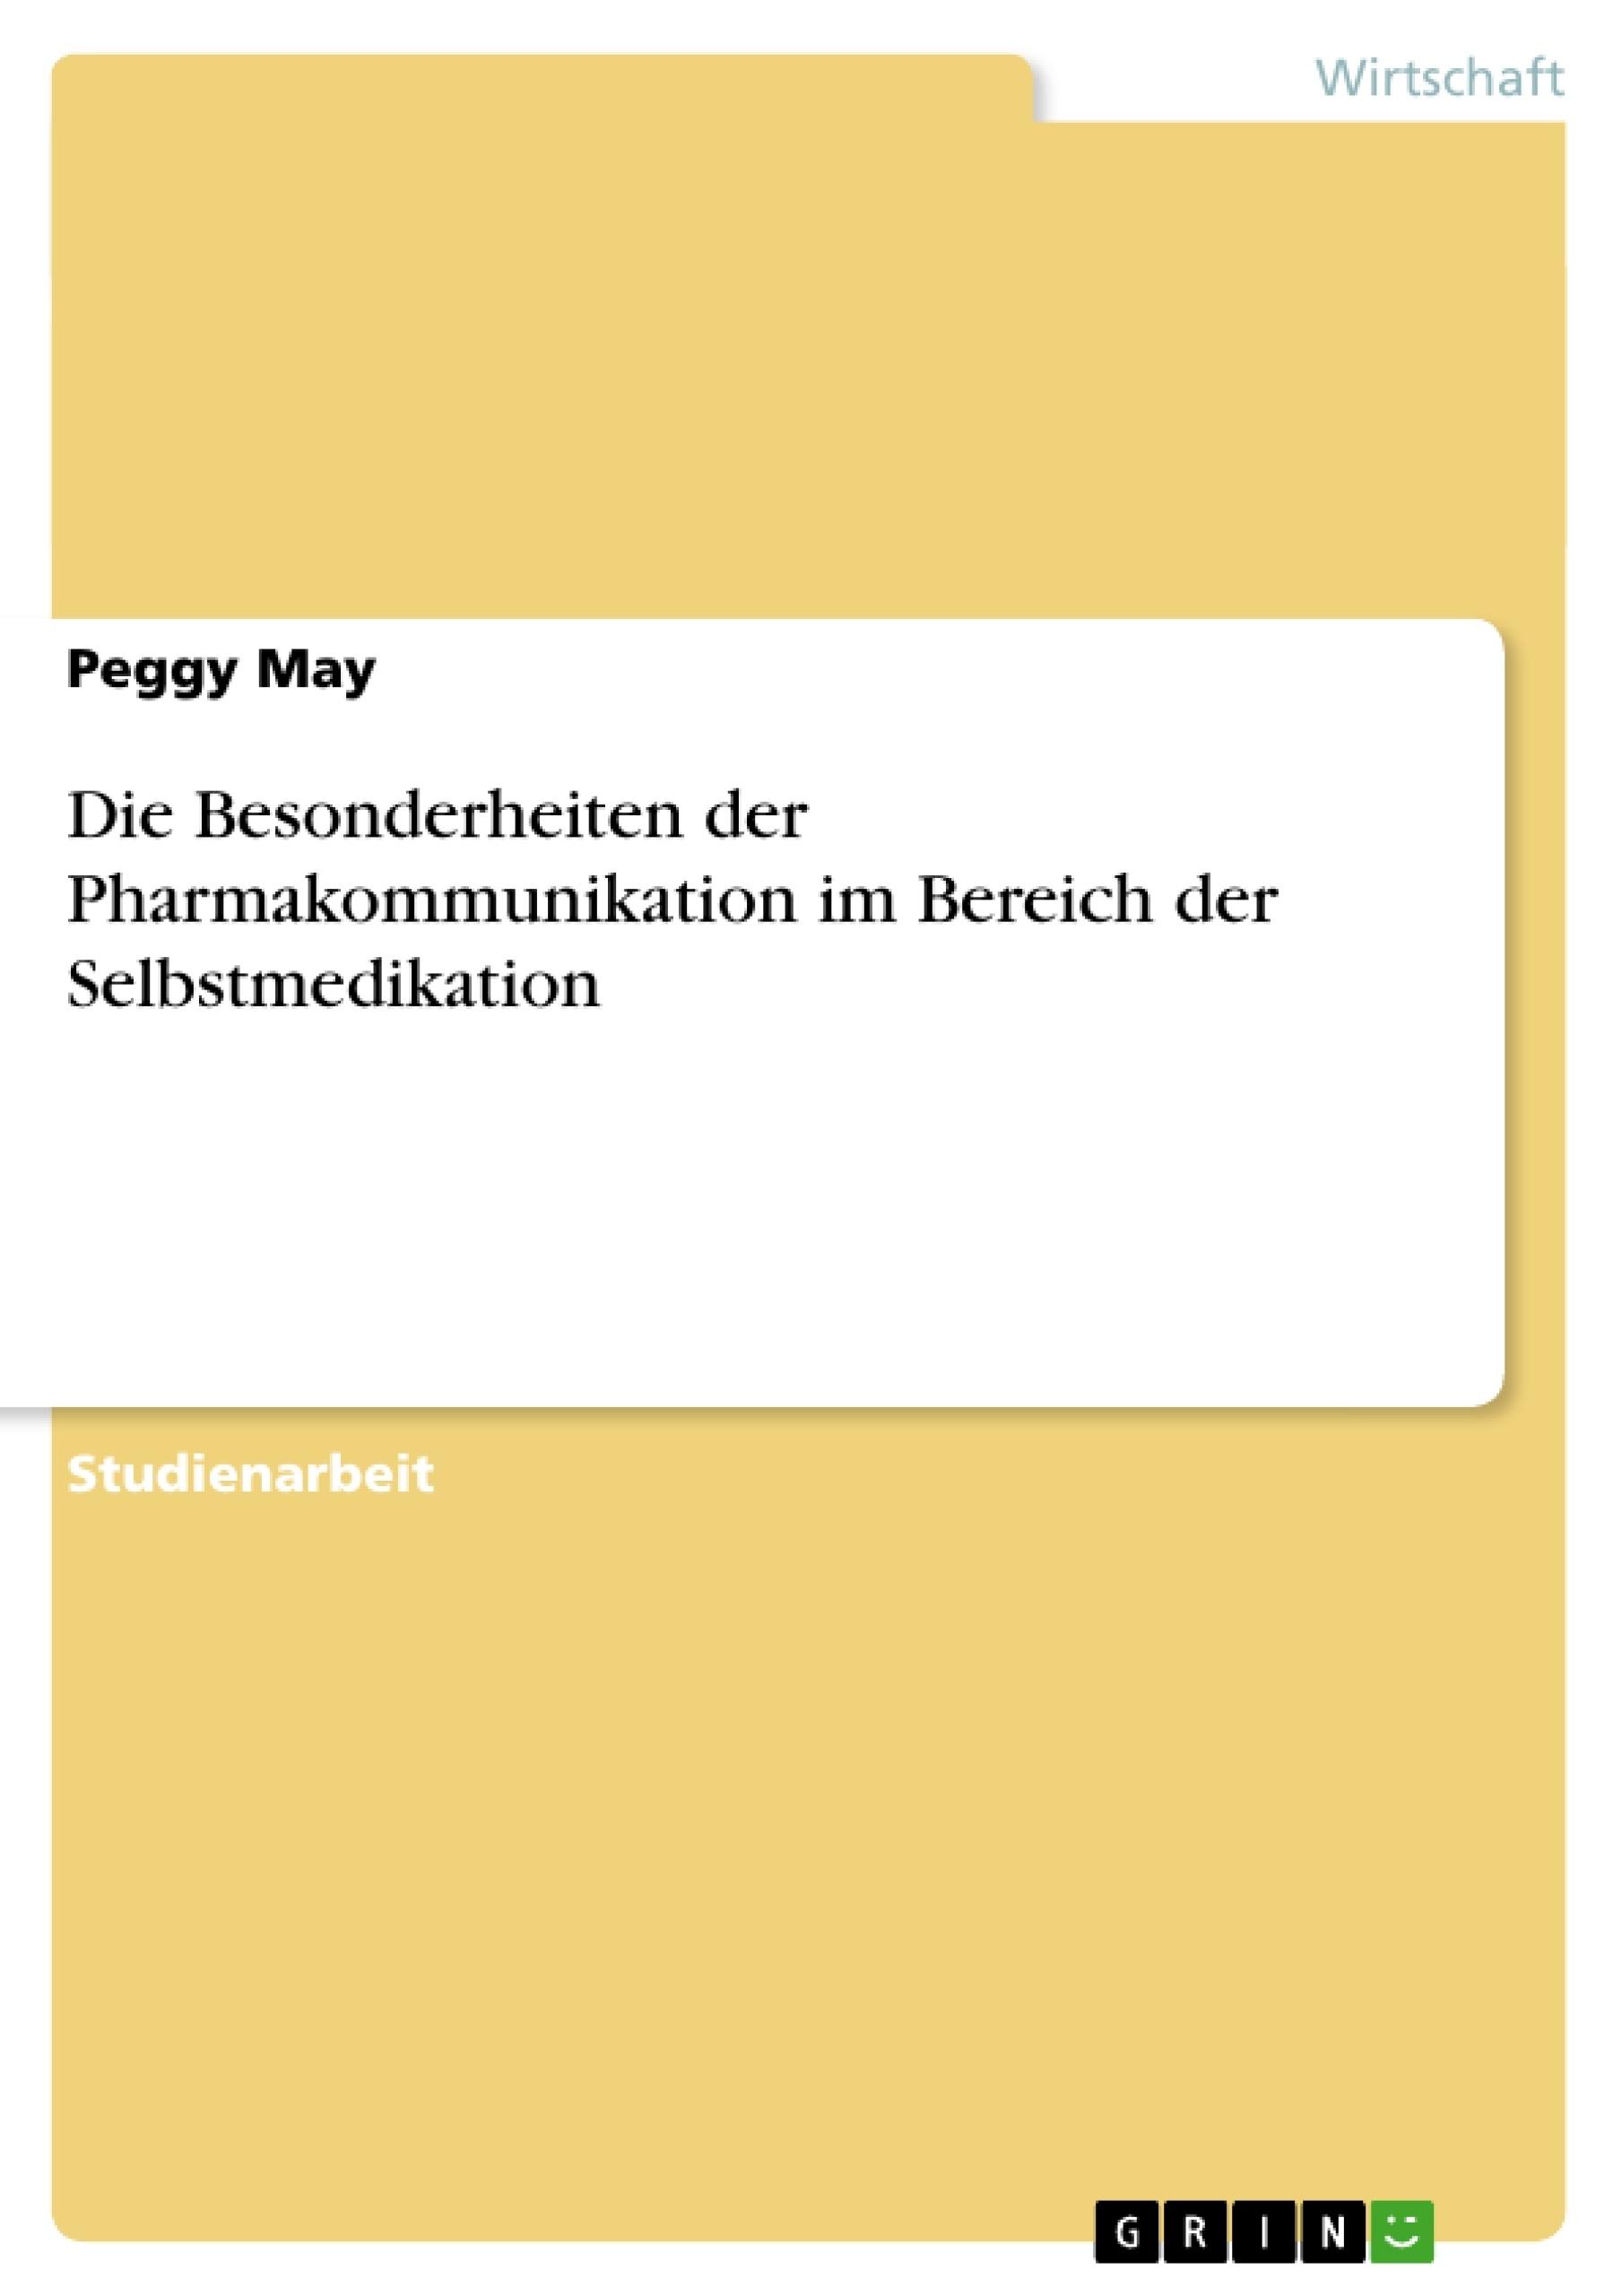 Titel: Die Besonderheiten der Pharmakommunikation im Bereich der Selbstmedikation